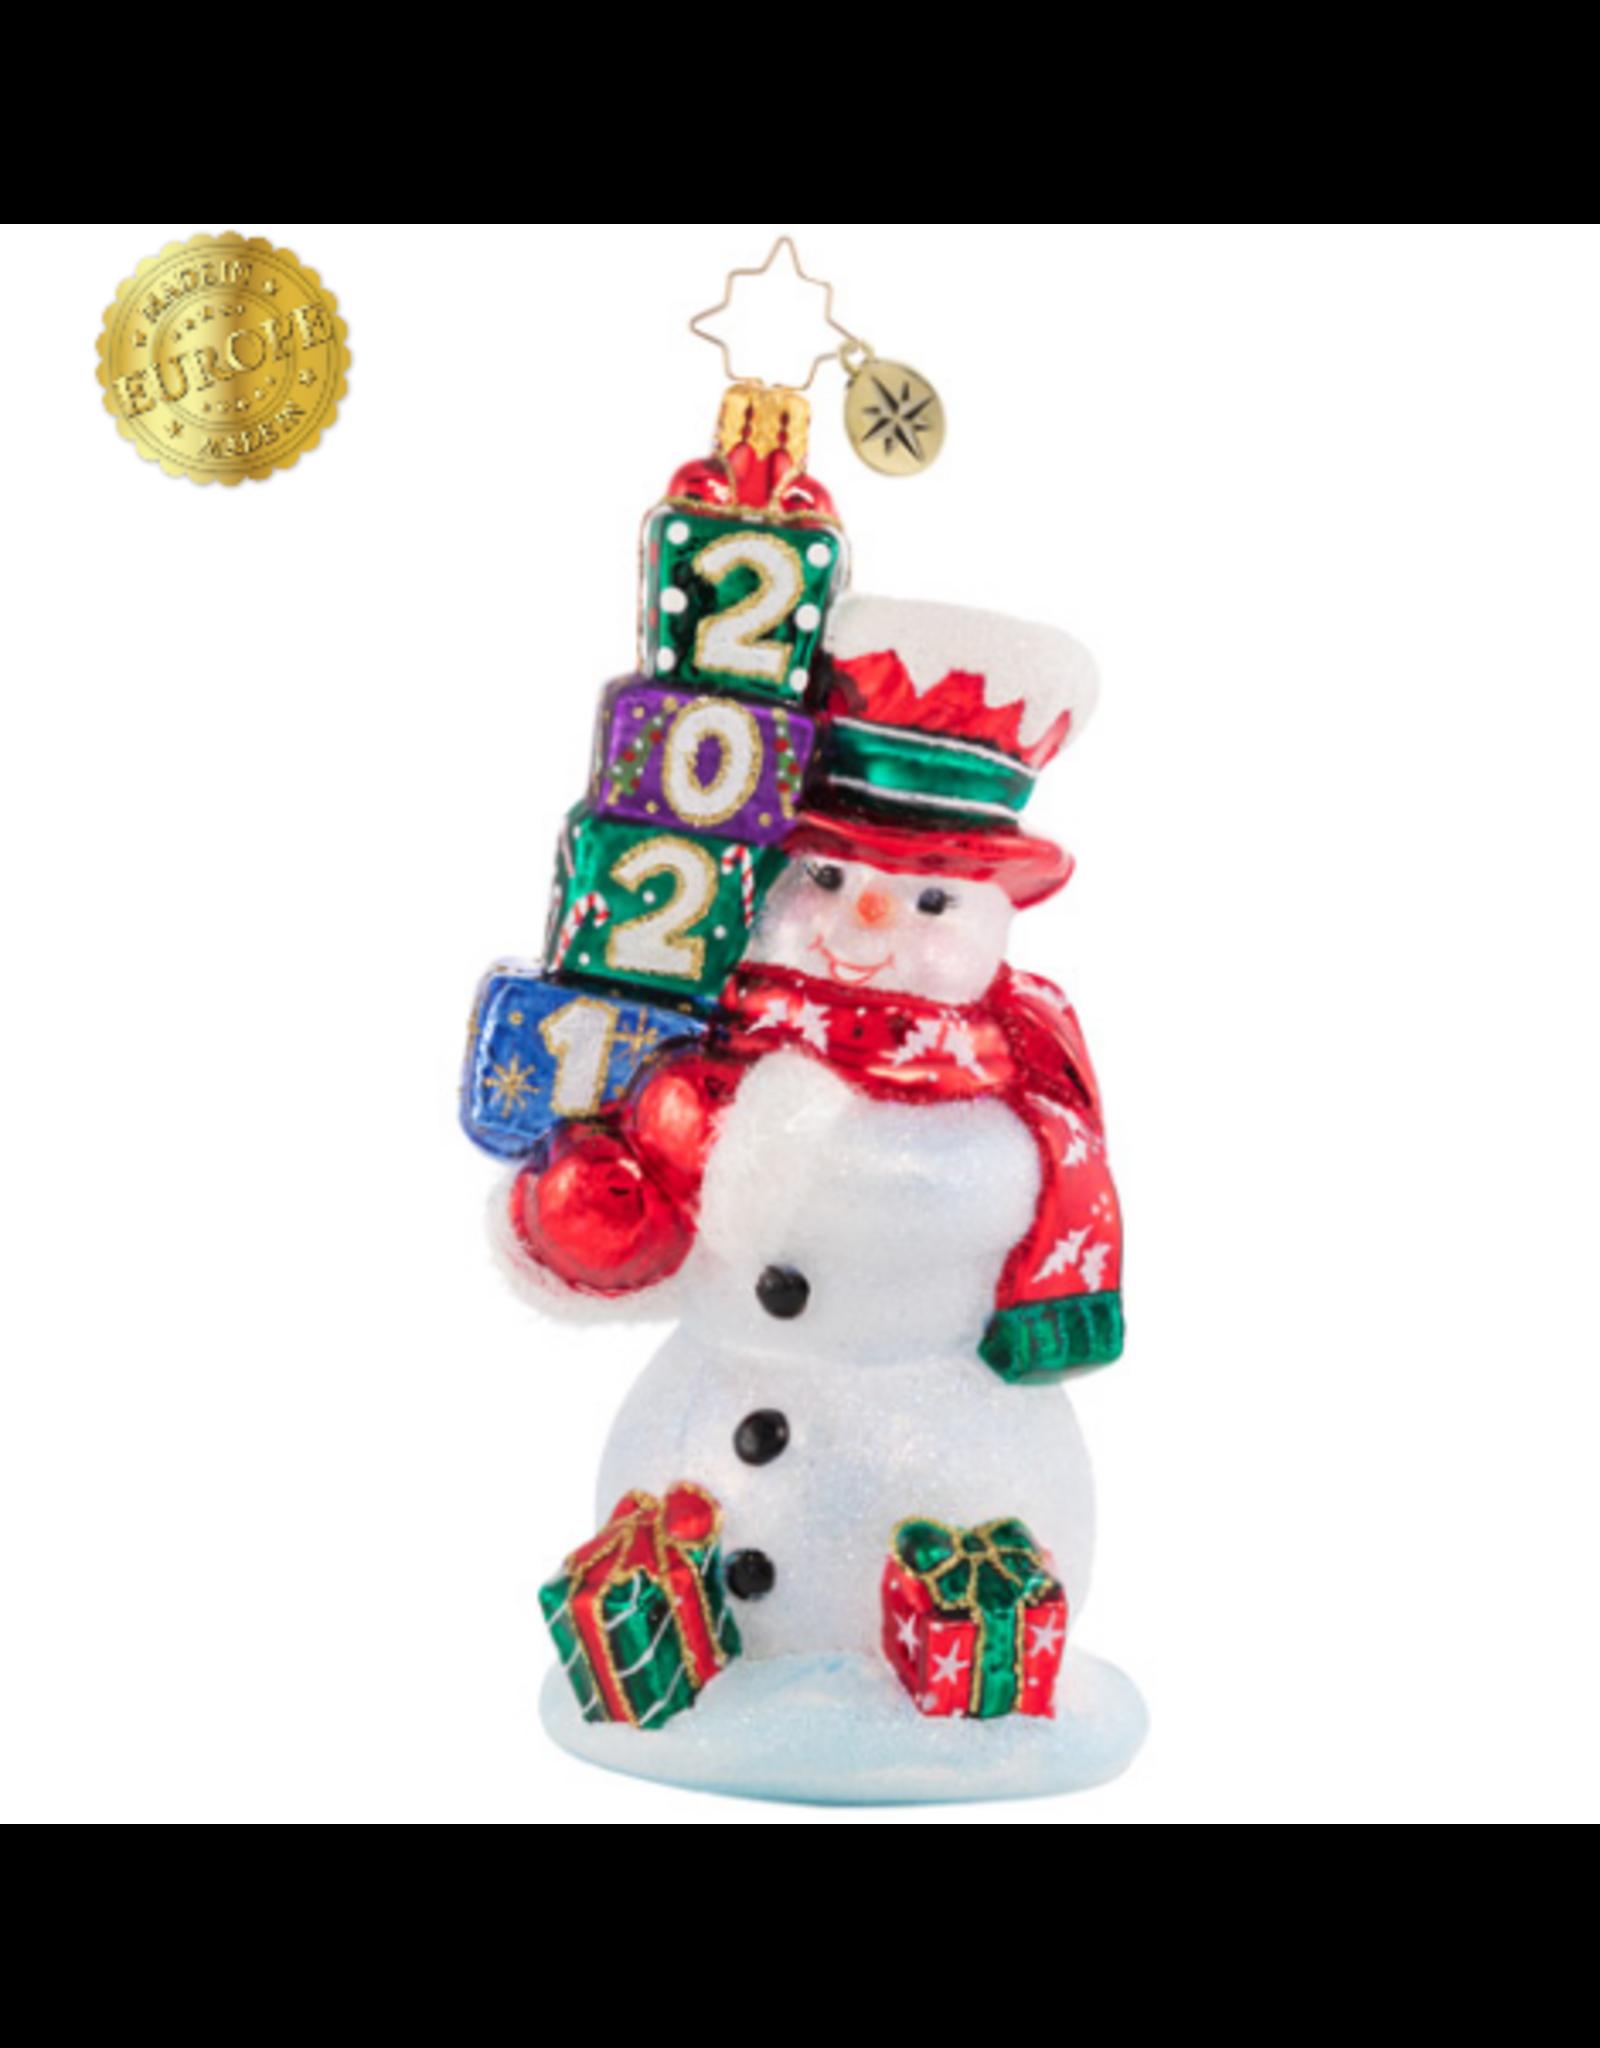 Radko Teetering Tower of Treasures Snowman (2021)